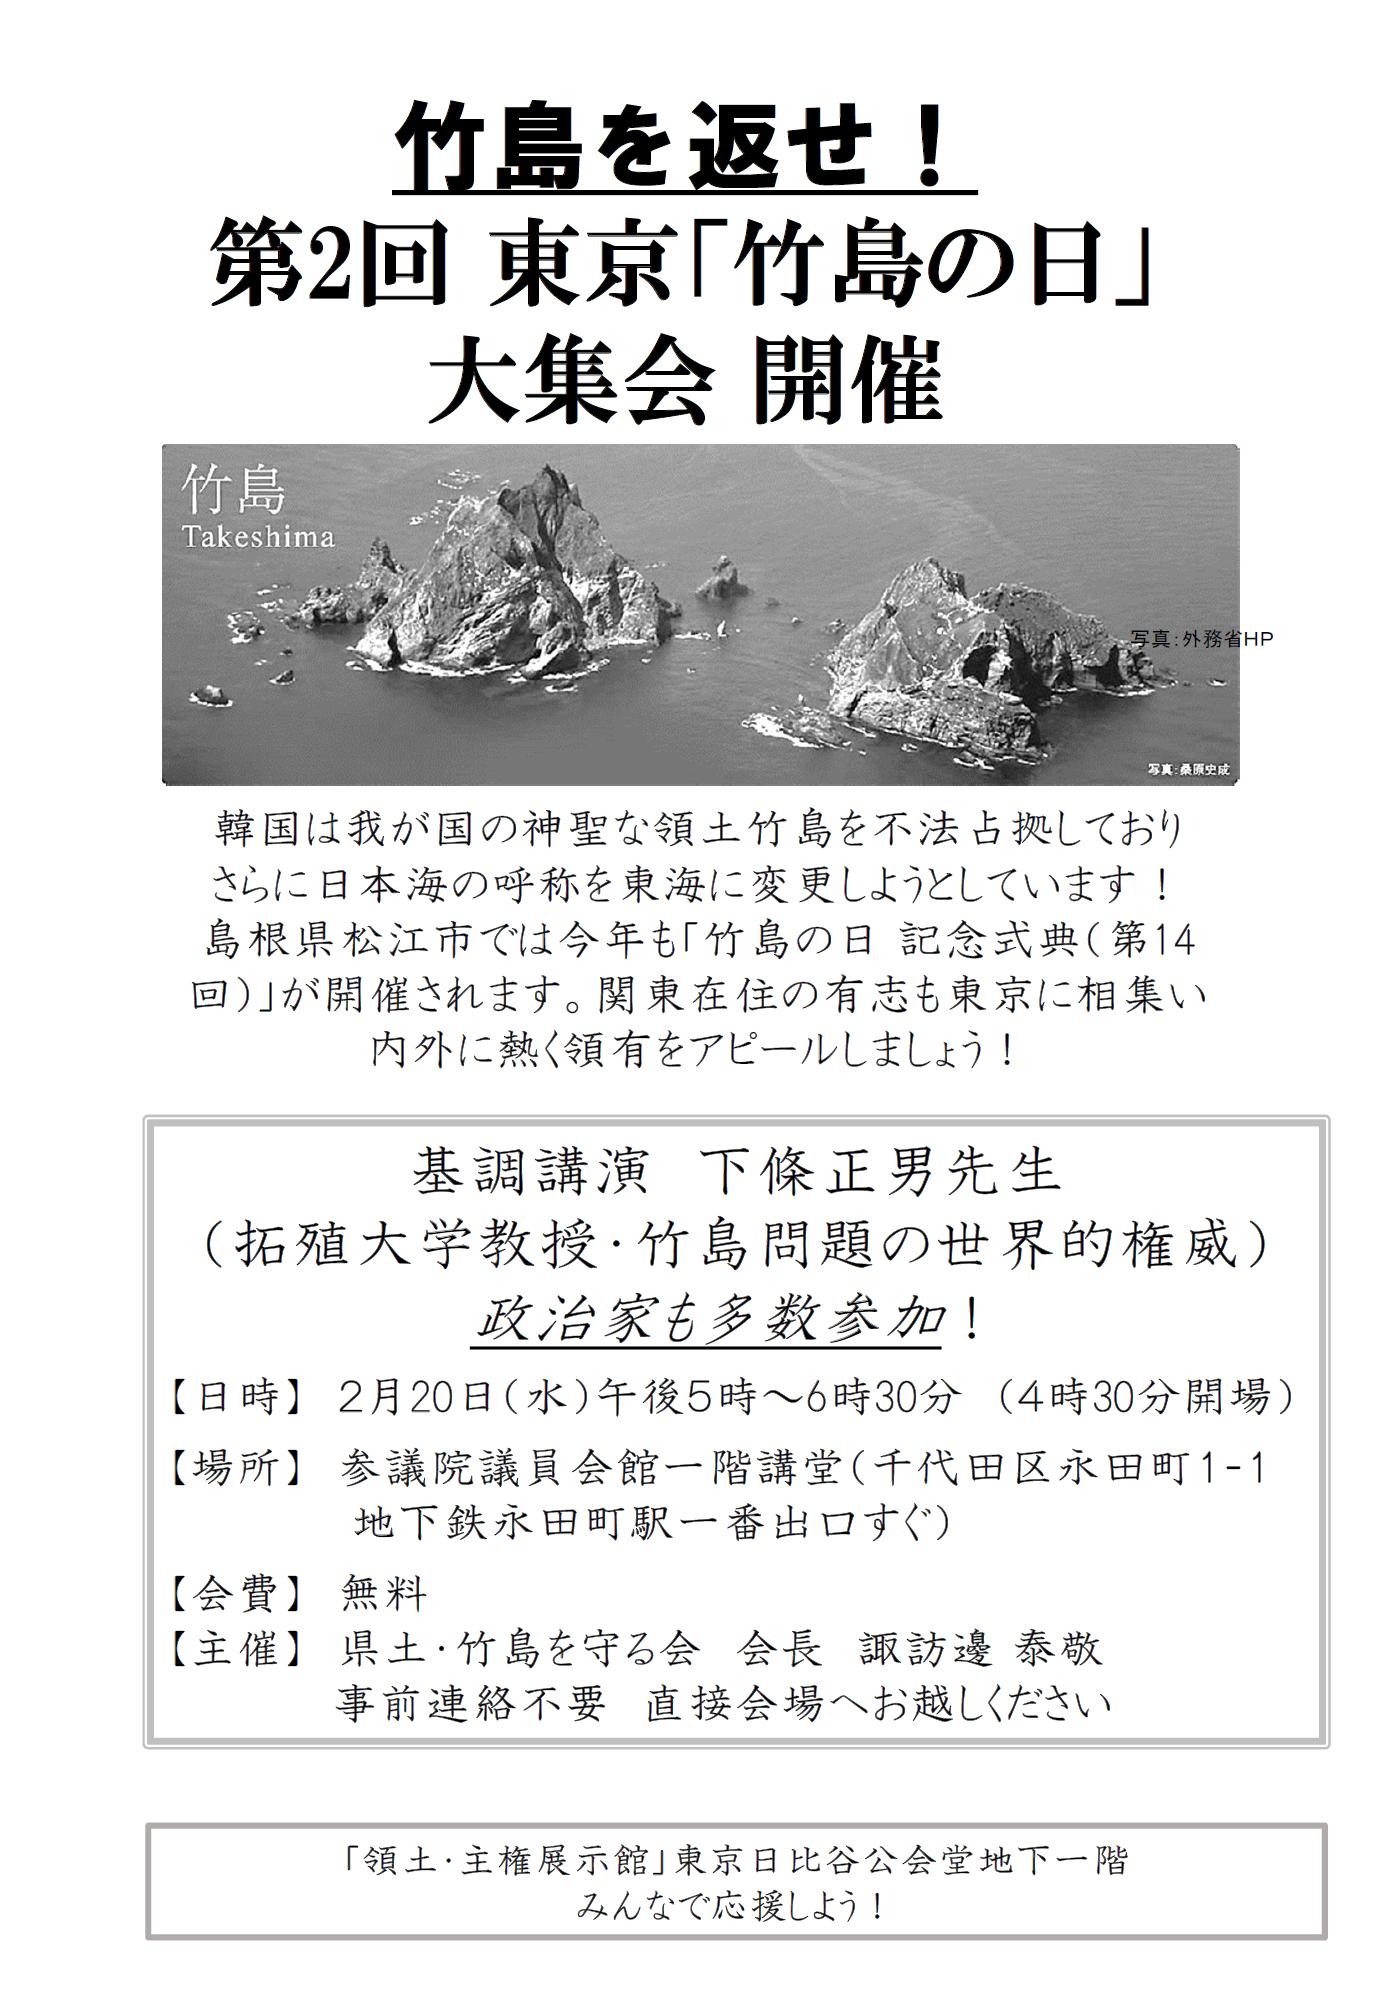 2月22日の島根県「竹島の日」を前に、2月20日午後5時から「第2回東京 ...